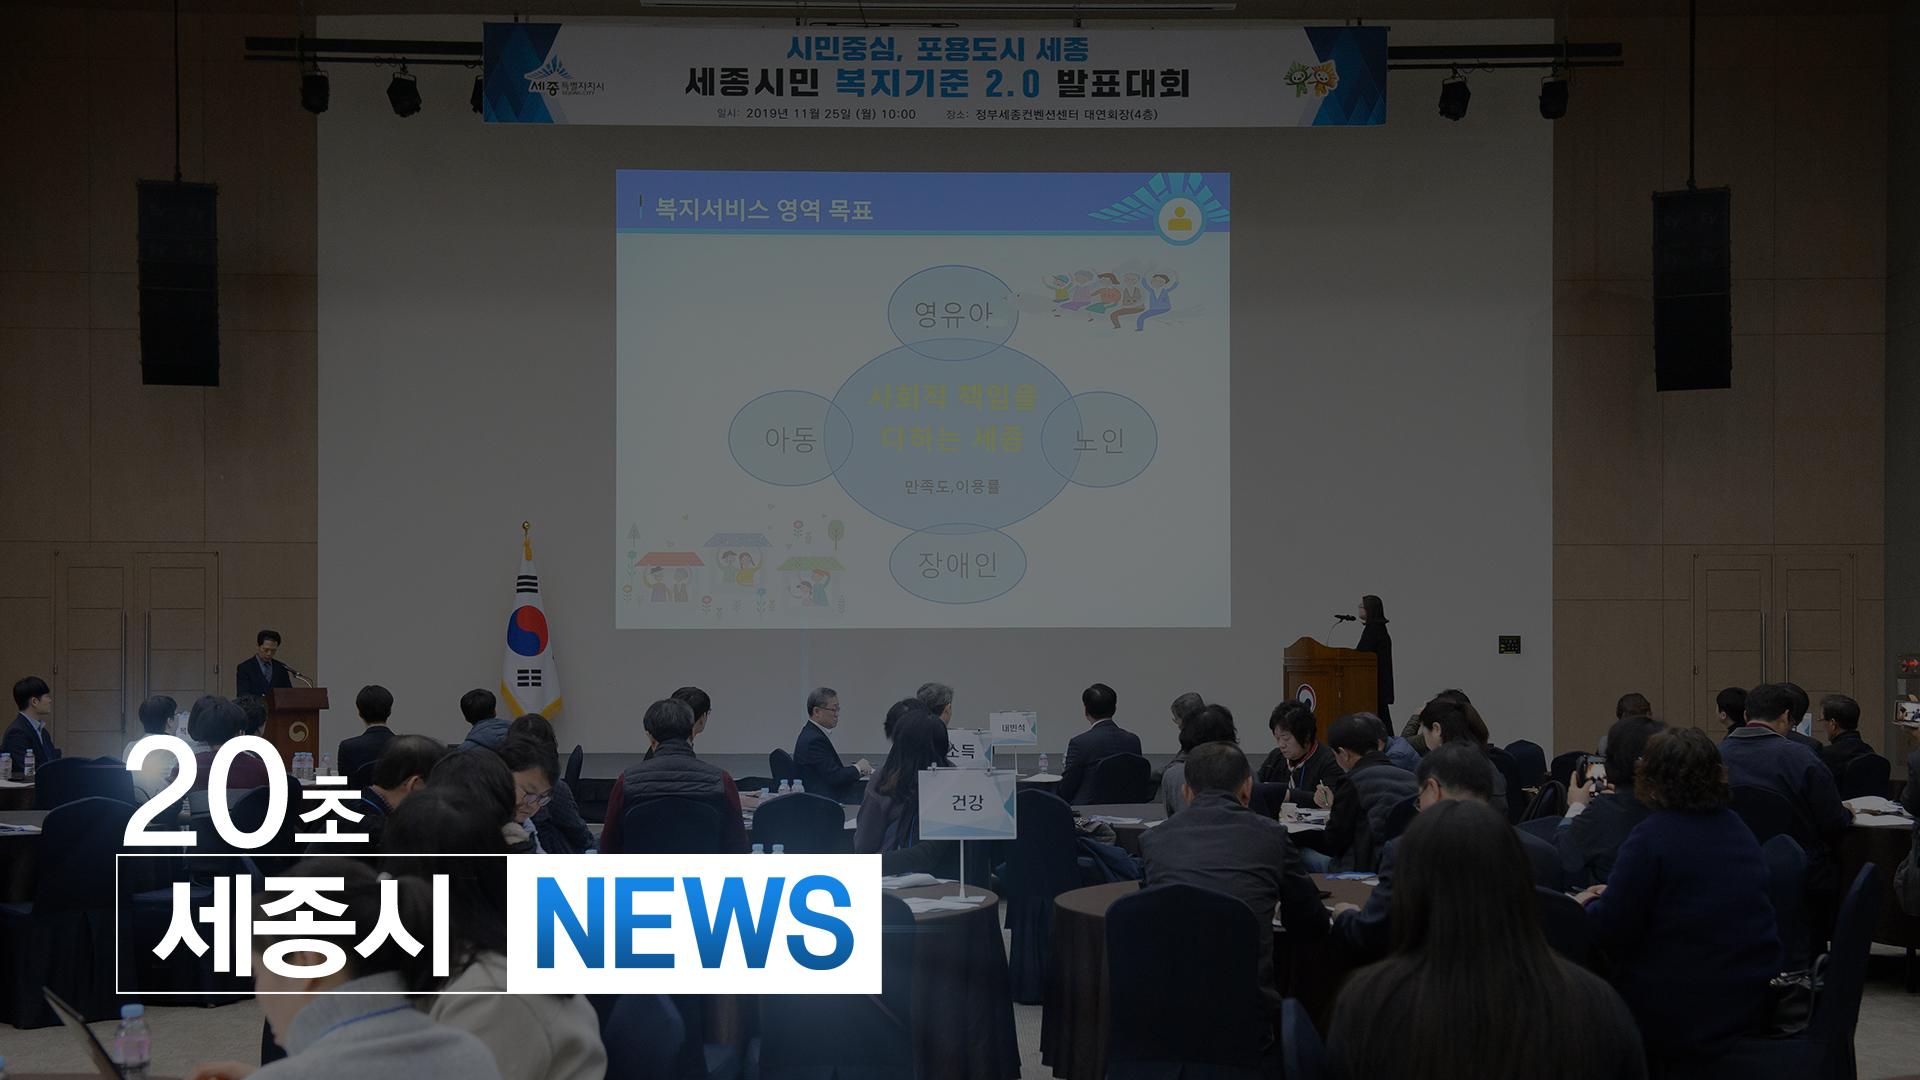 <20초뉴스>  '포용적 복지 실현'복지기준 2.0 최종 점검